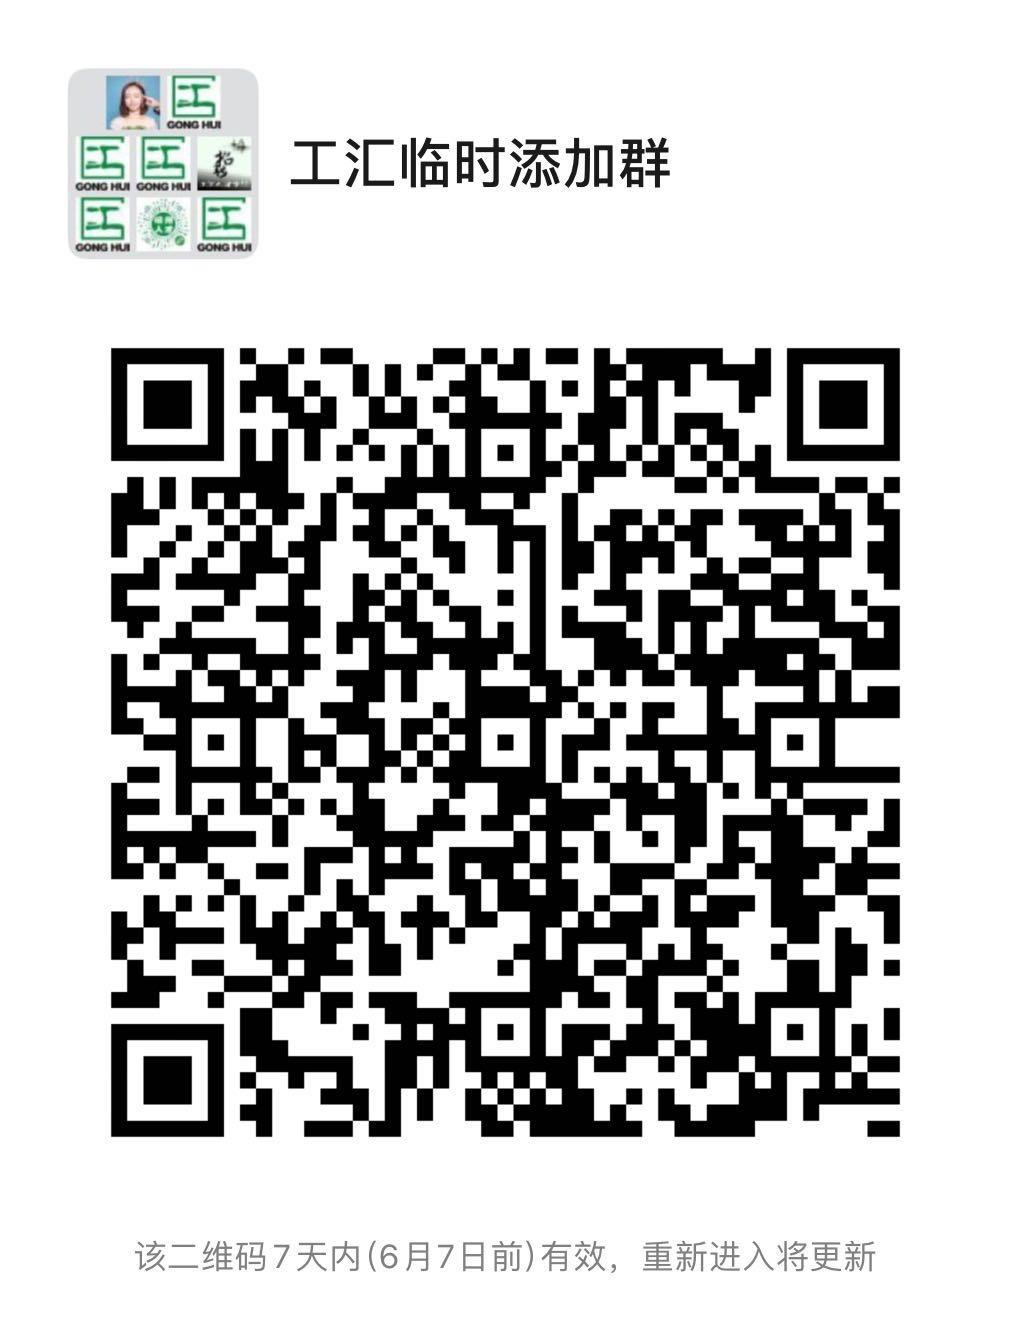 微信图片_20200531104239.jpg